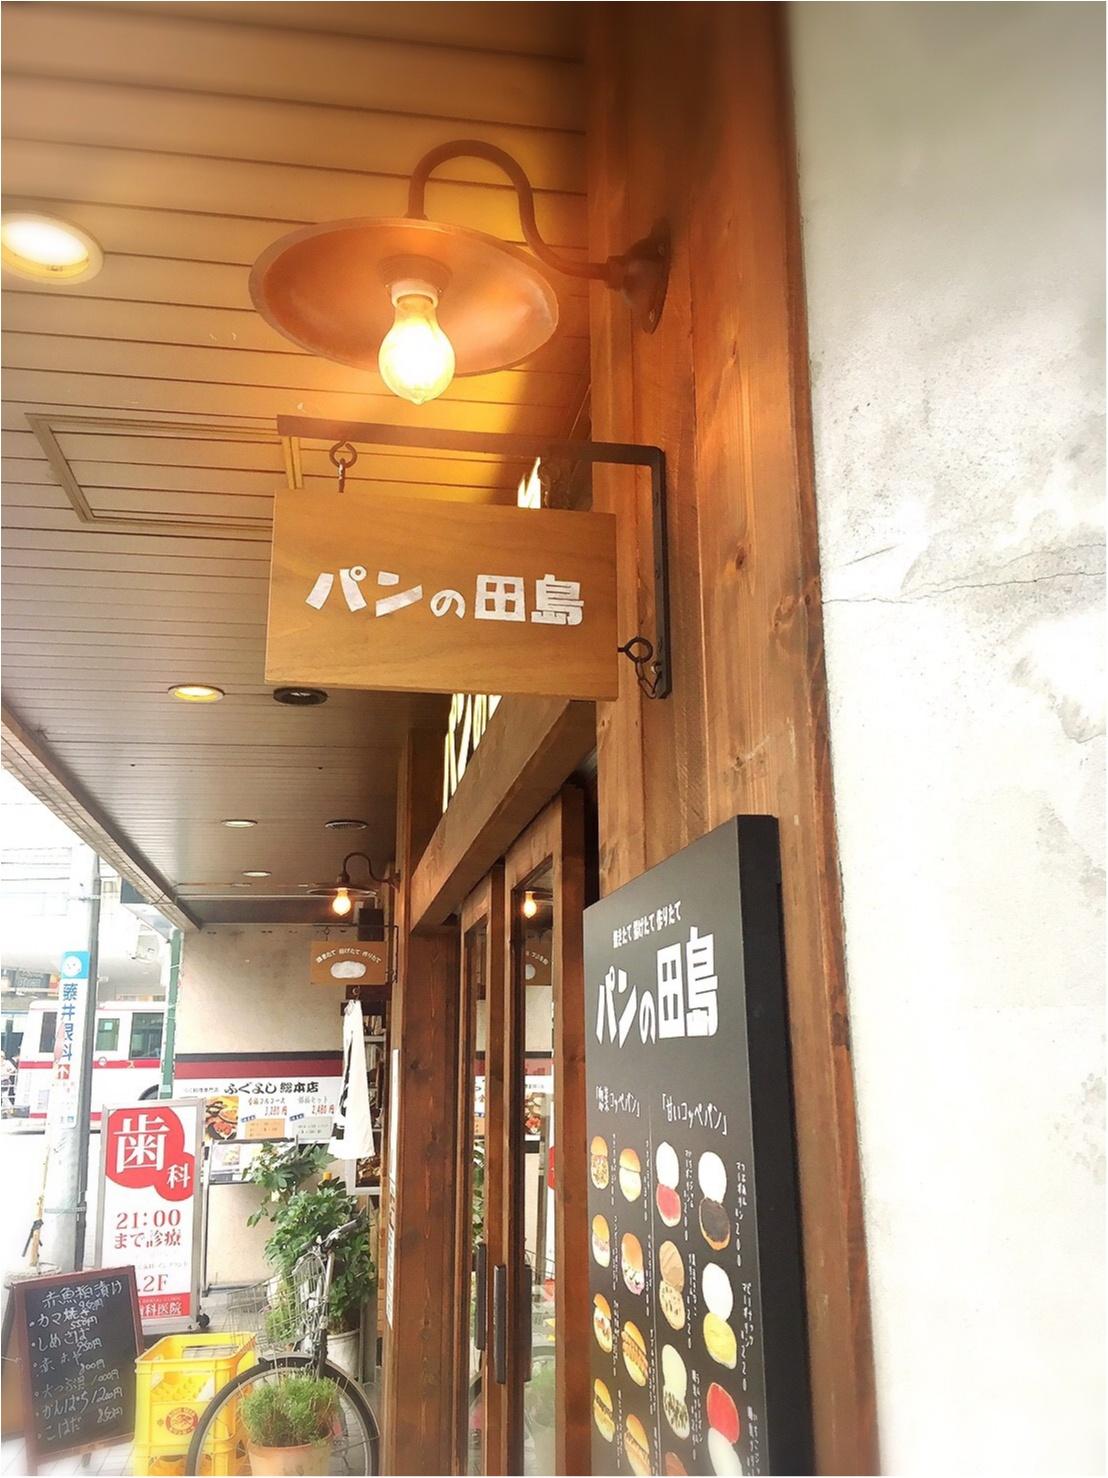 【スイーツ】いちごをまるごと削っちゃった!綱島に行ったら食べたいFood特選_3